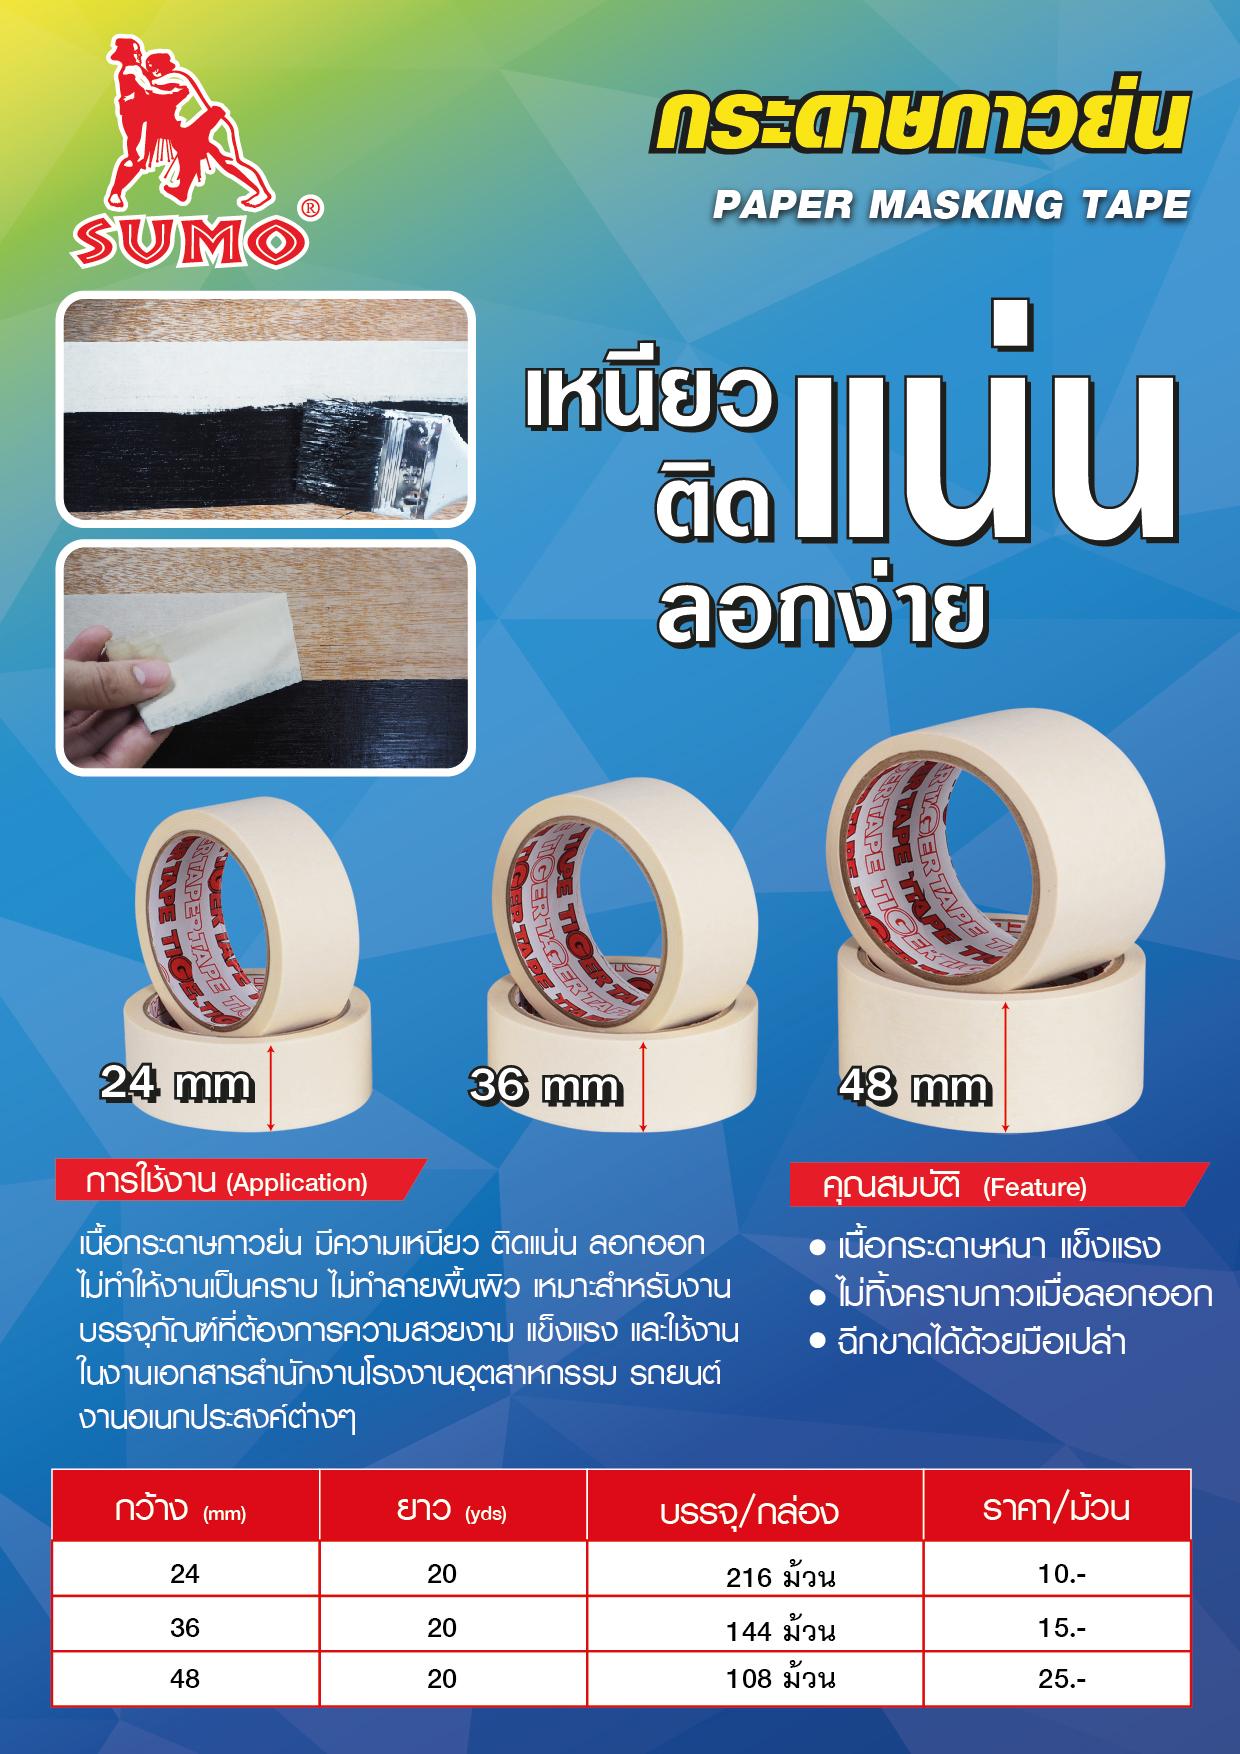 (3/8) Paper Masking Tape